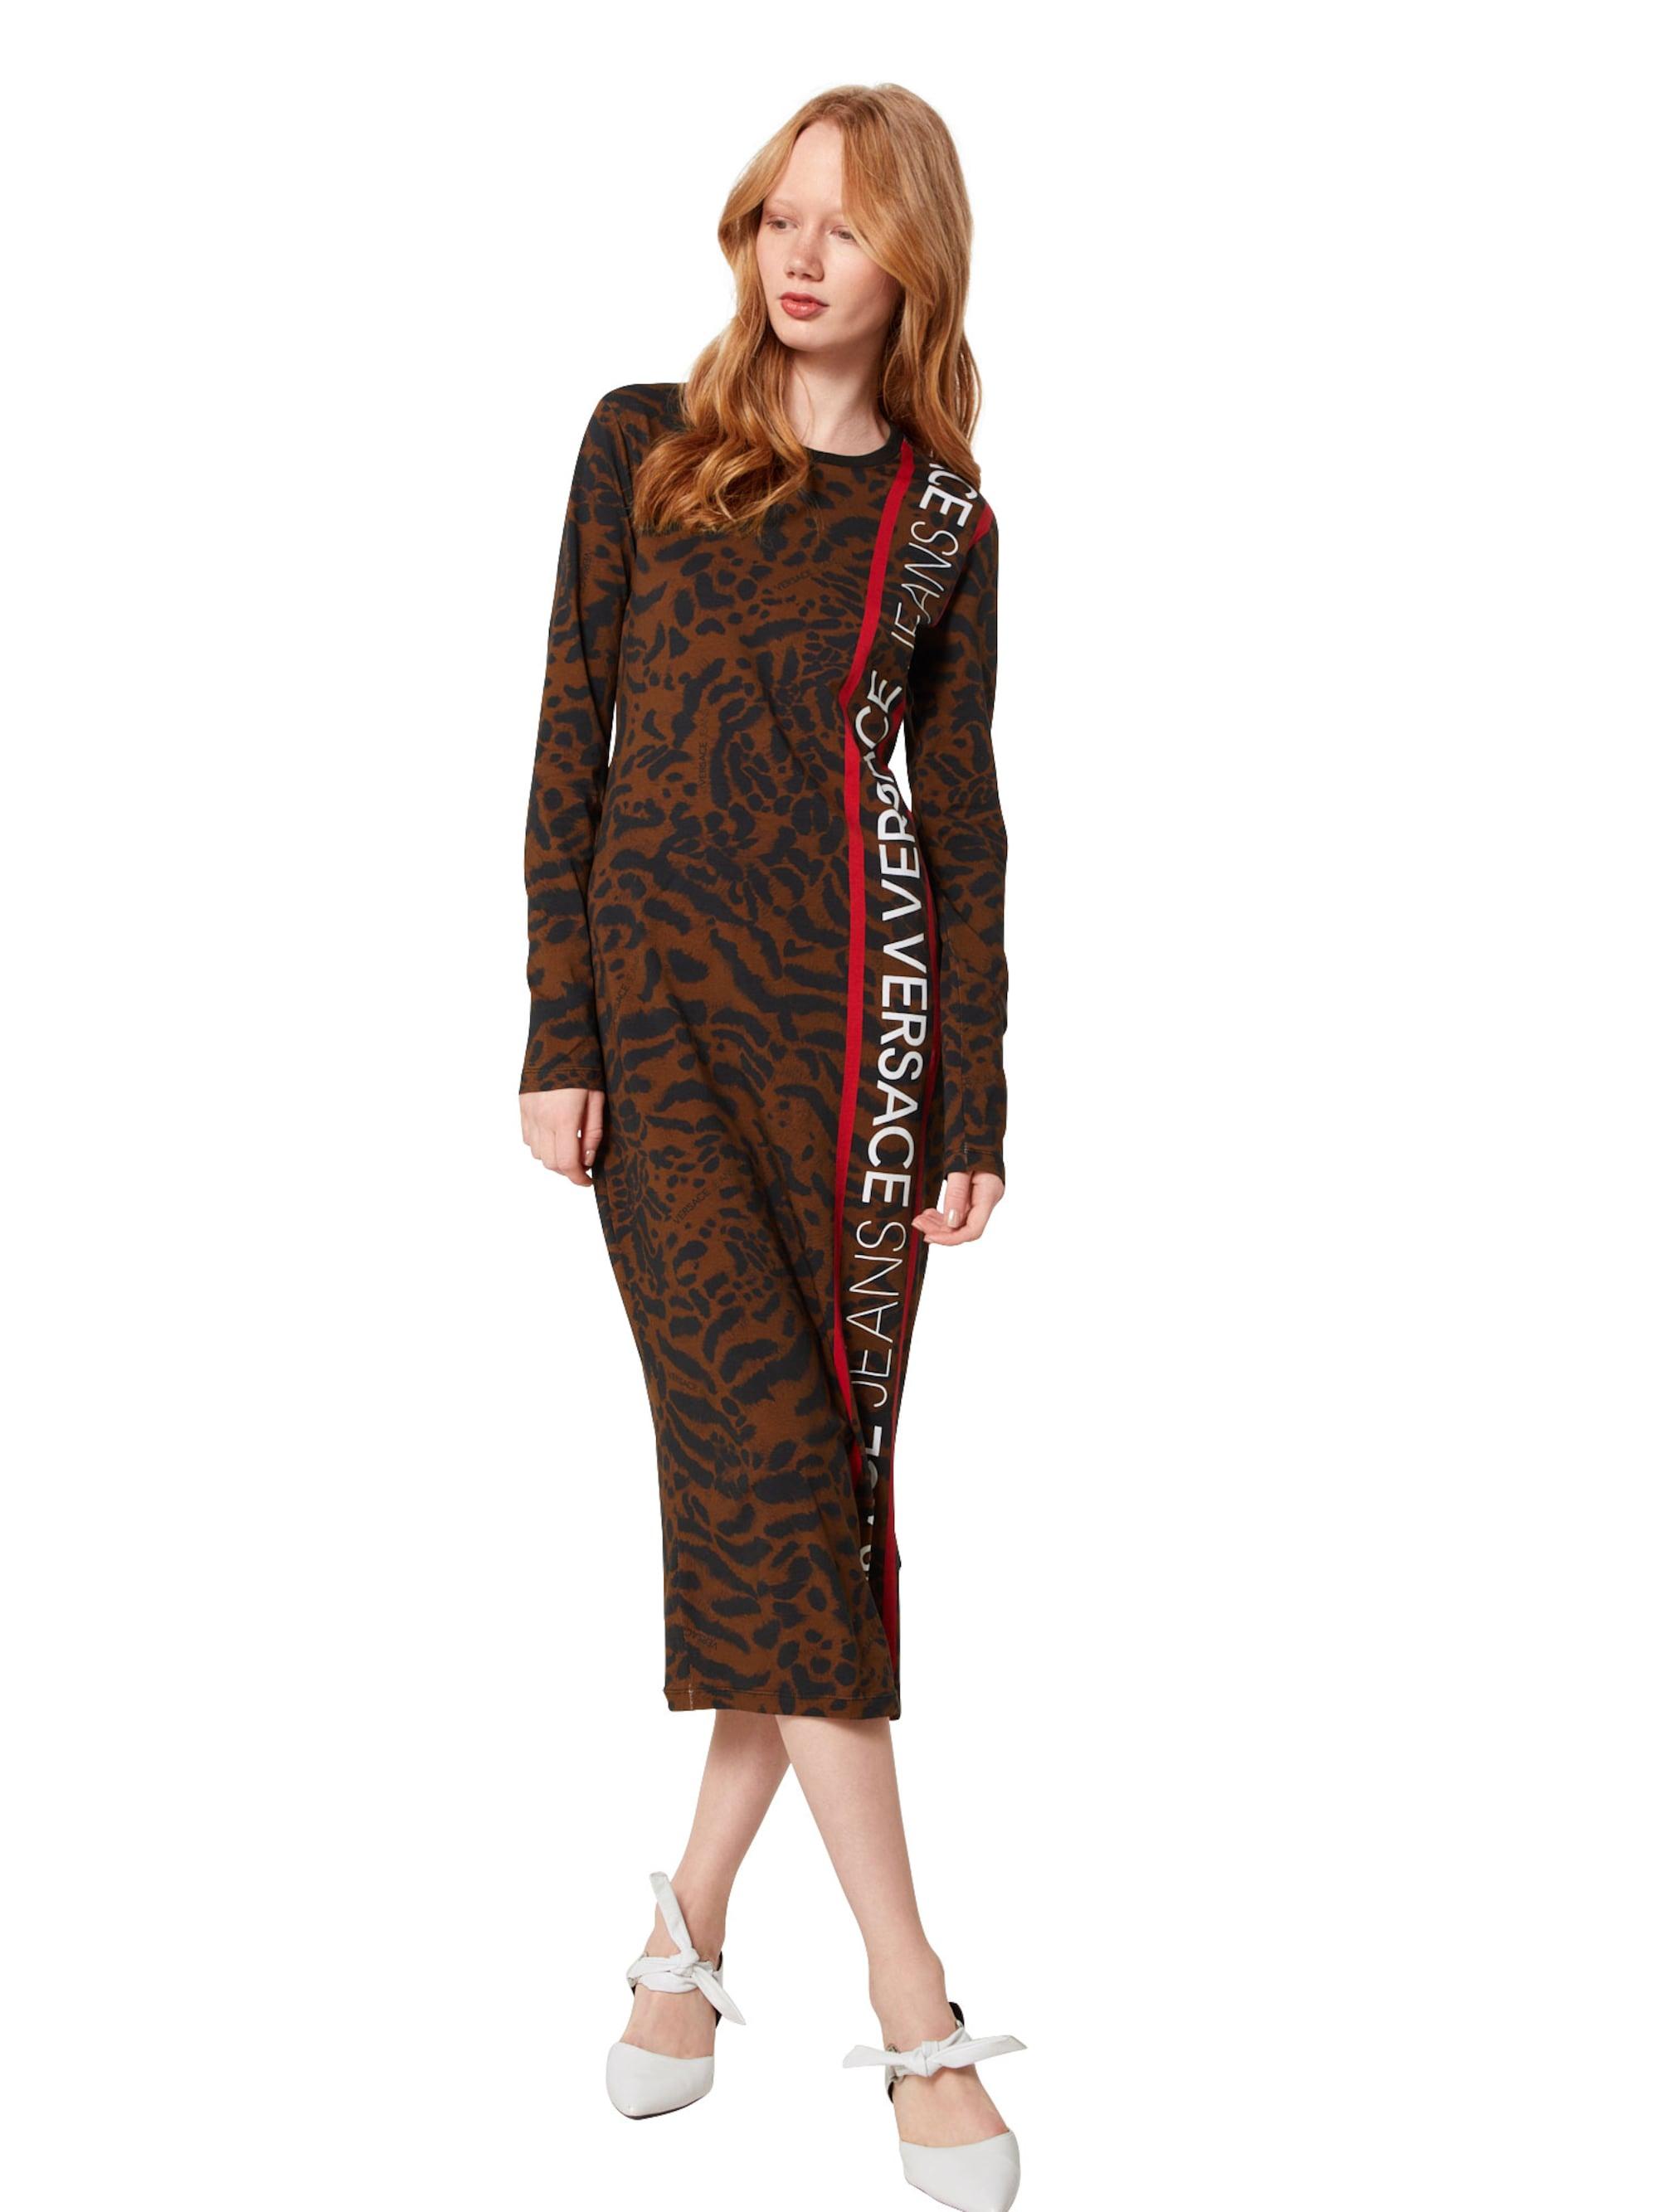 Versace Jeans Sukienka 'SDP917 33'  brązowy / czerwony / czarny